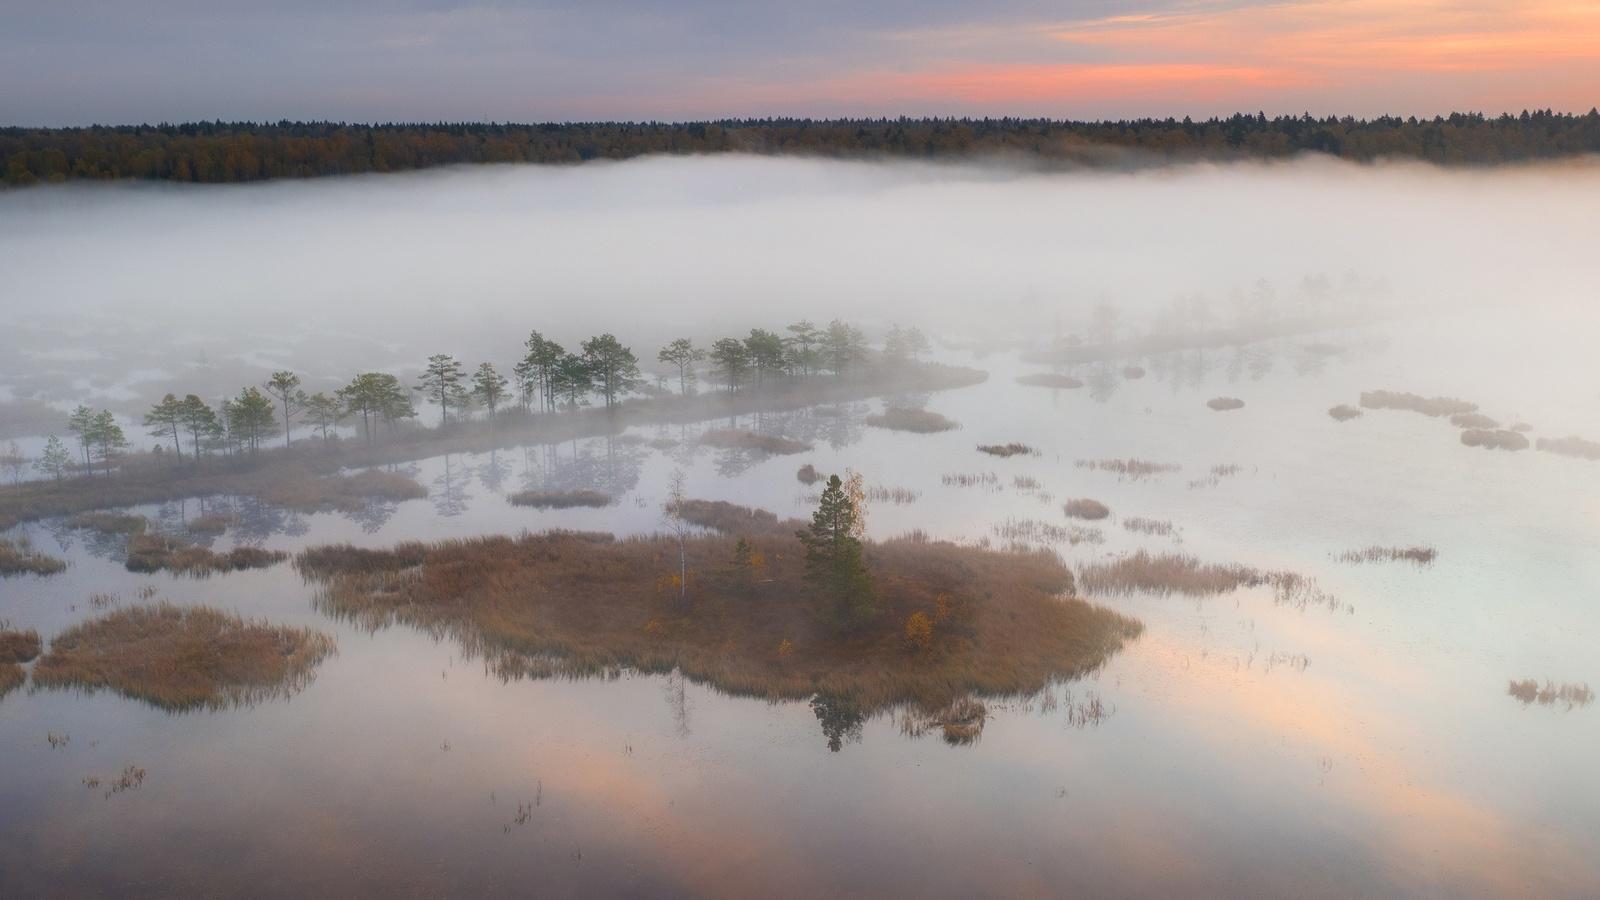 лес, болото, туман, красиво, фотограф, илья гарбузов, широкоформатная